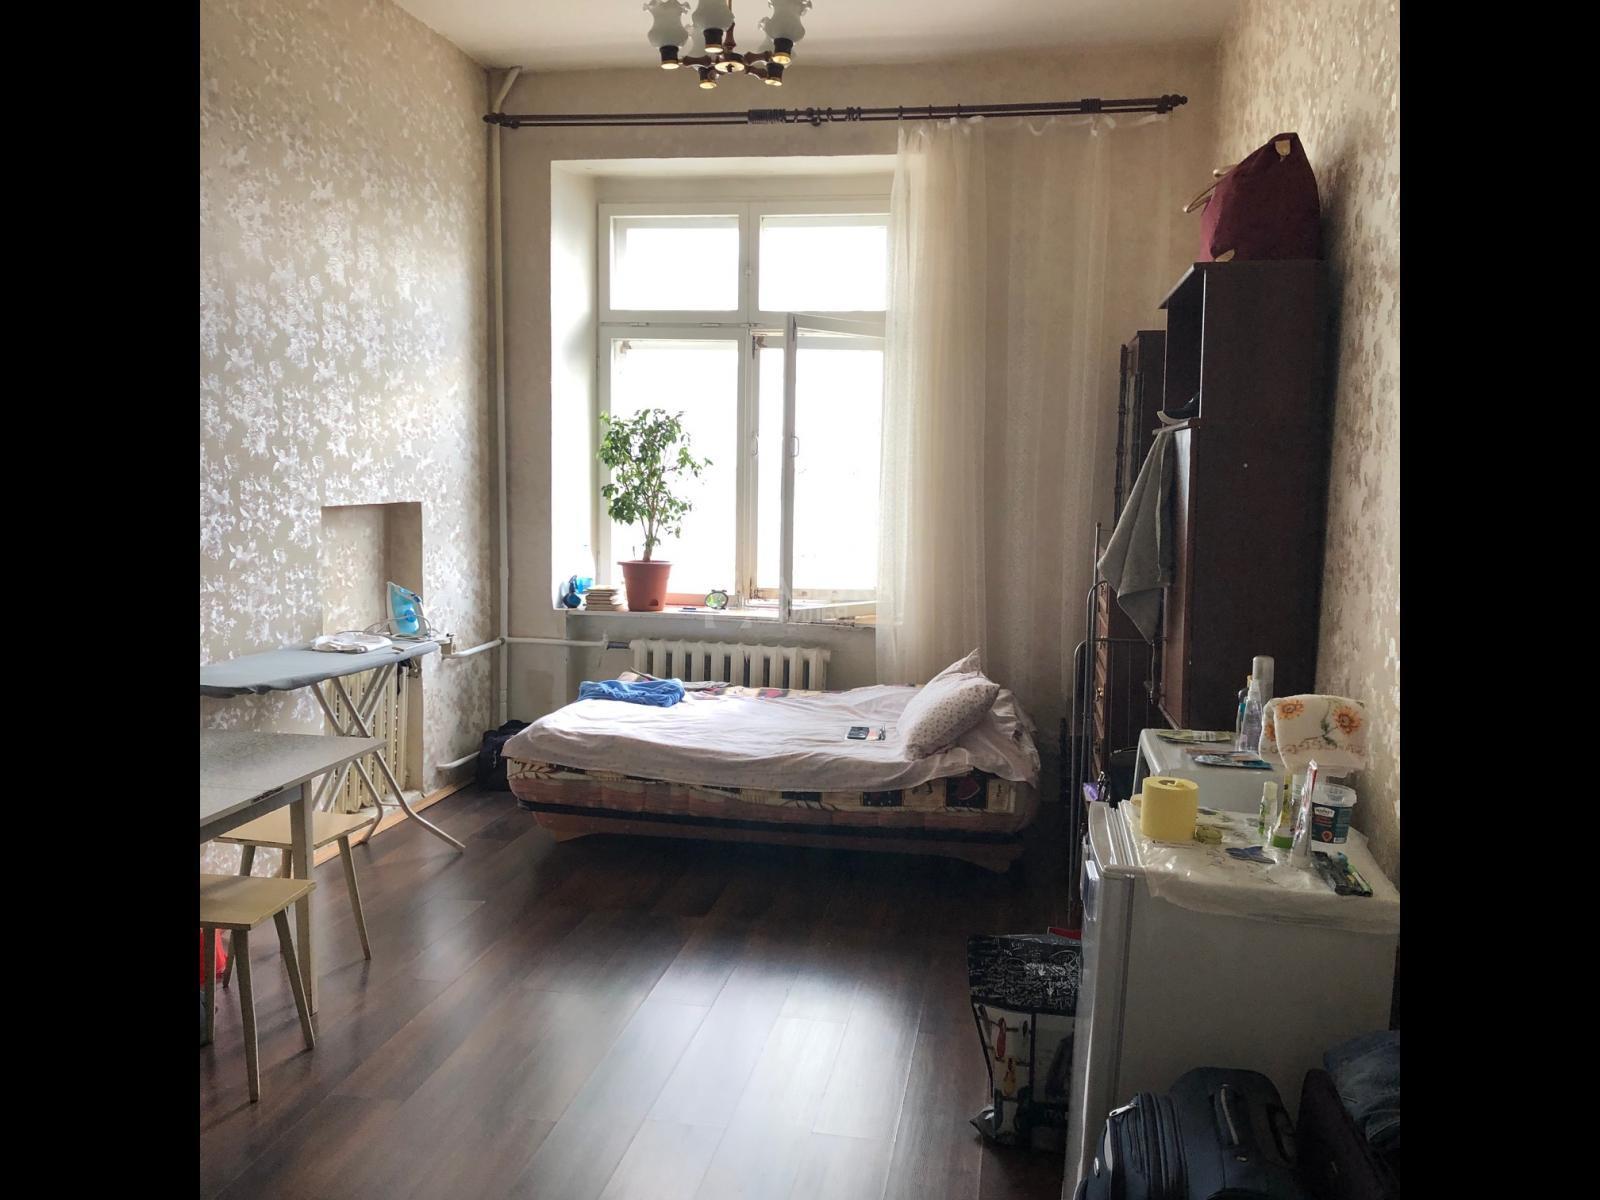 Фото №11 - 7-комнатная квартира, Москва, Николопесковский М. переулок 11 корпус 2 строение 1, метро Смоленская